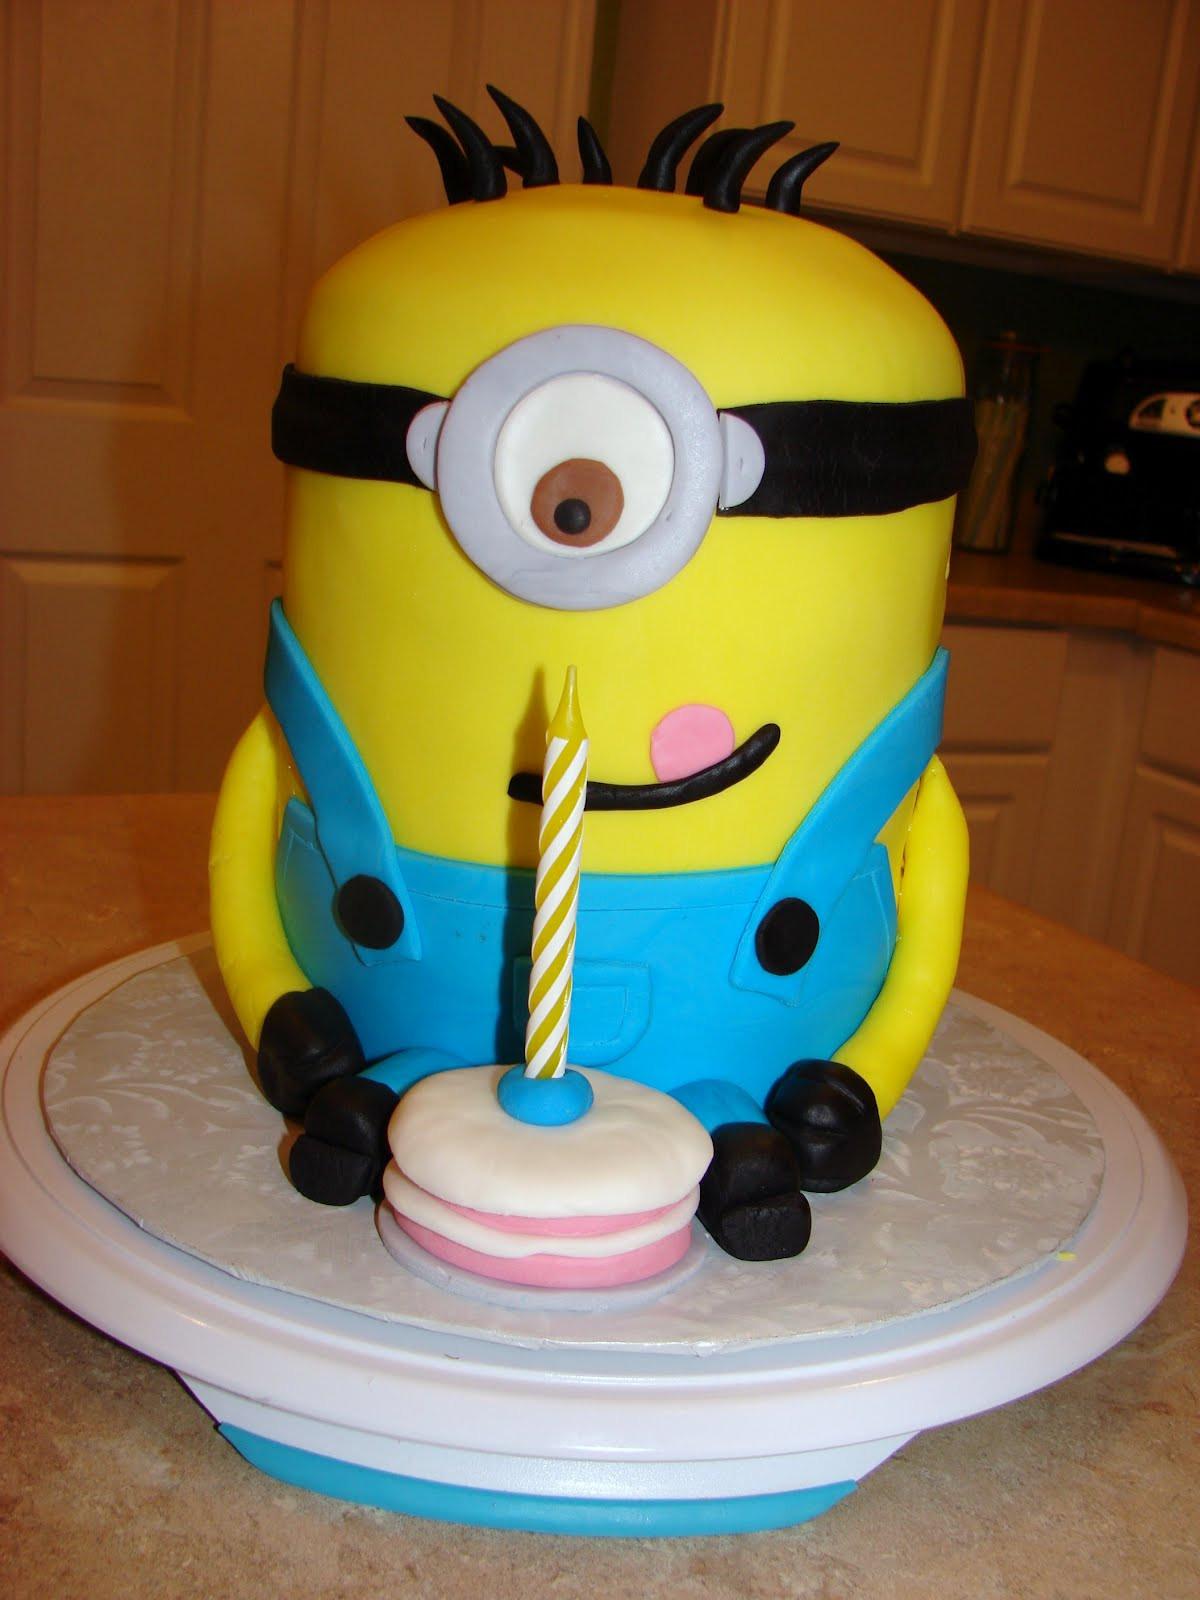 Minion Birthday Cake  Ipsy Bipsy Bake Shop Minion Cake